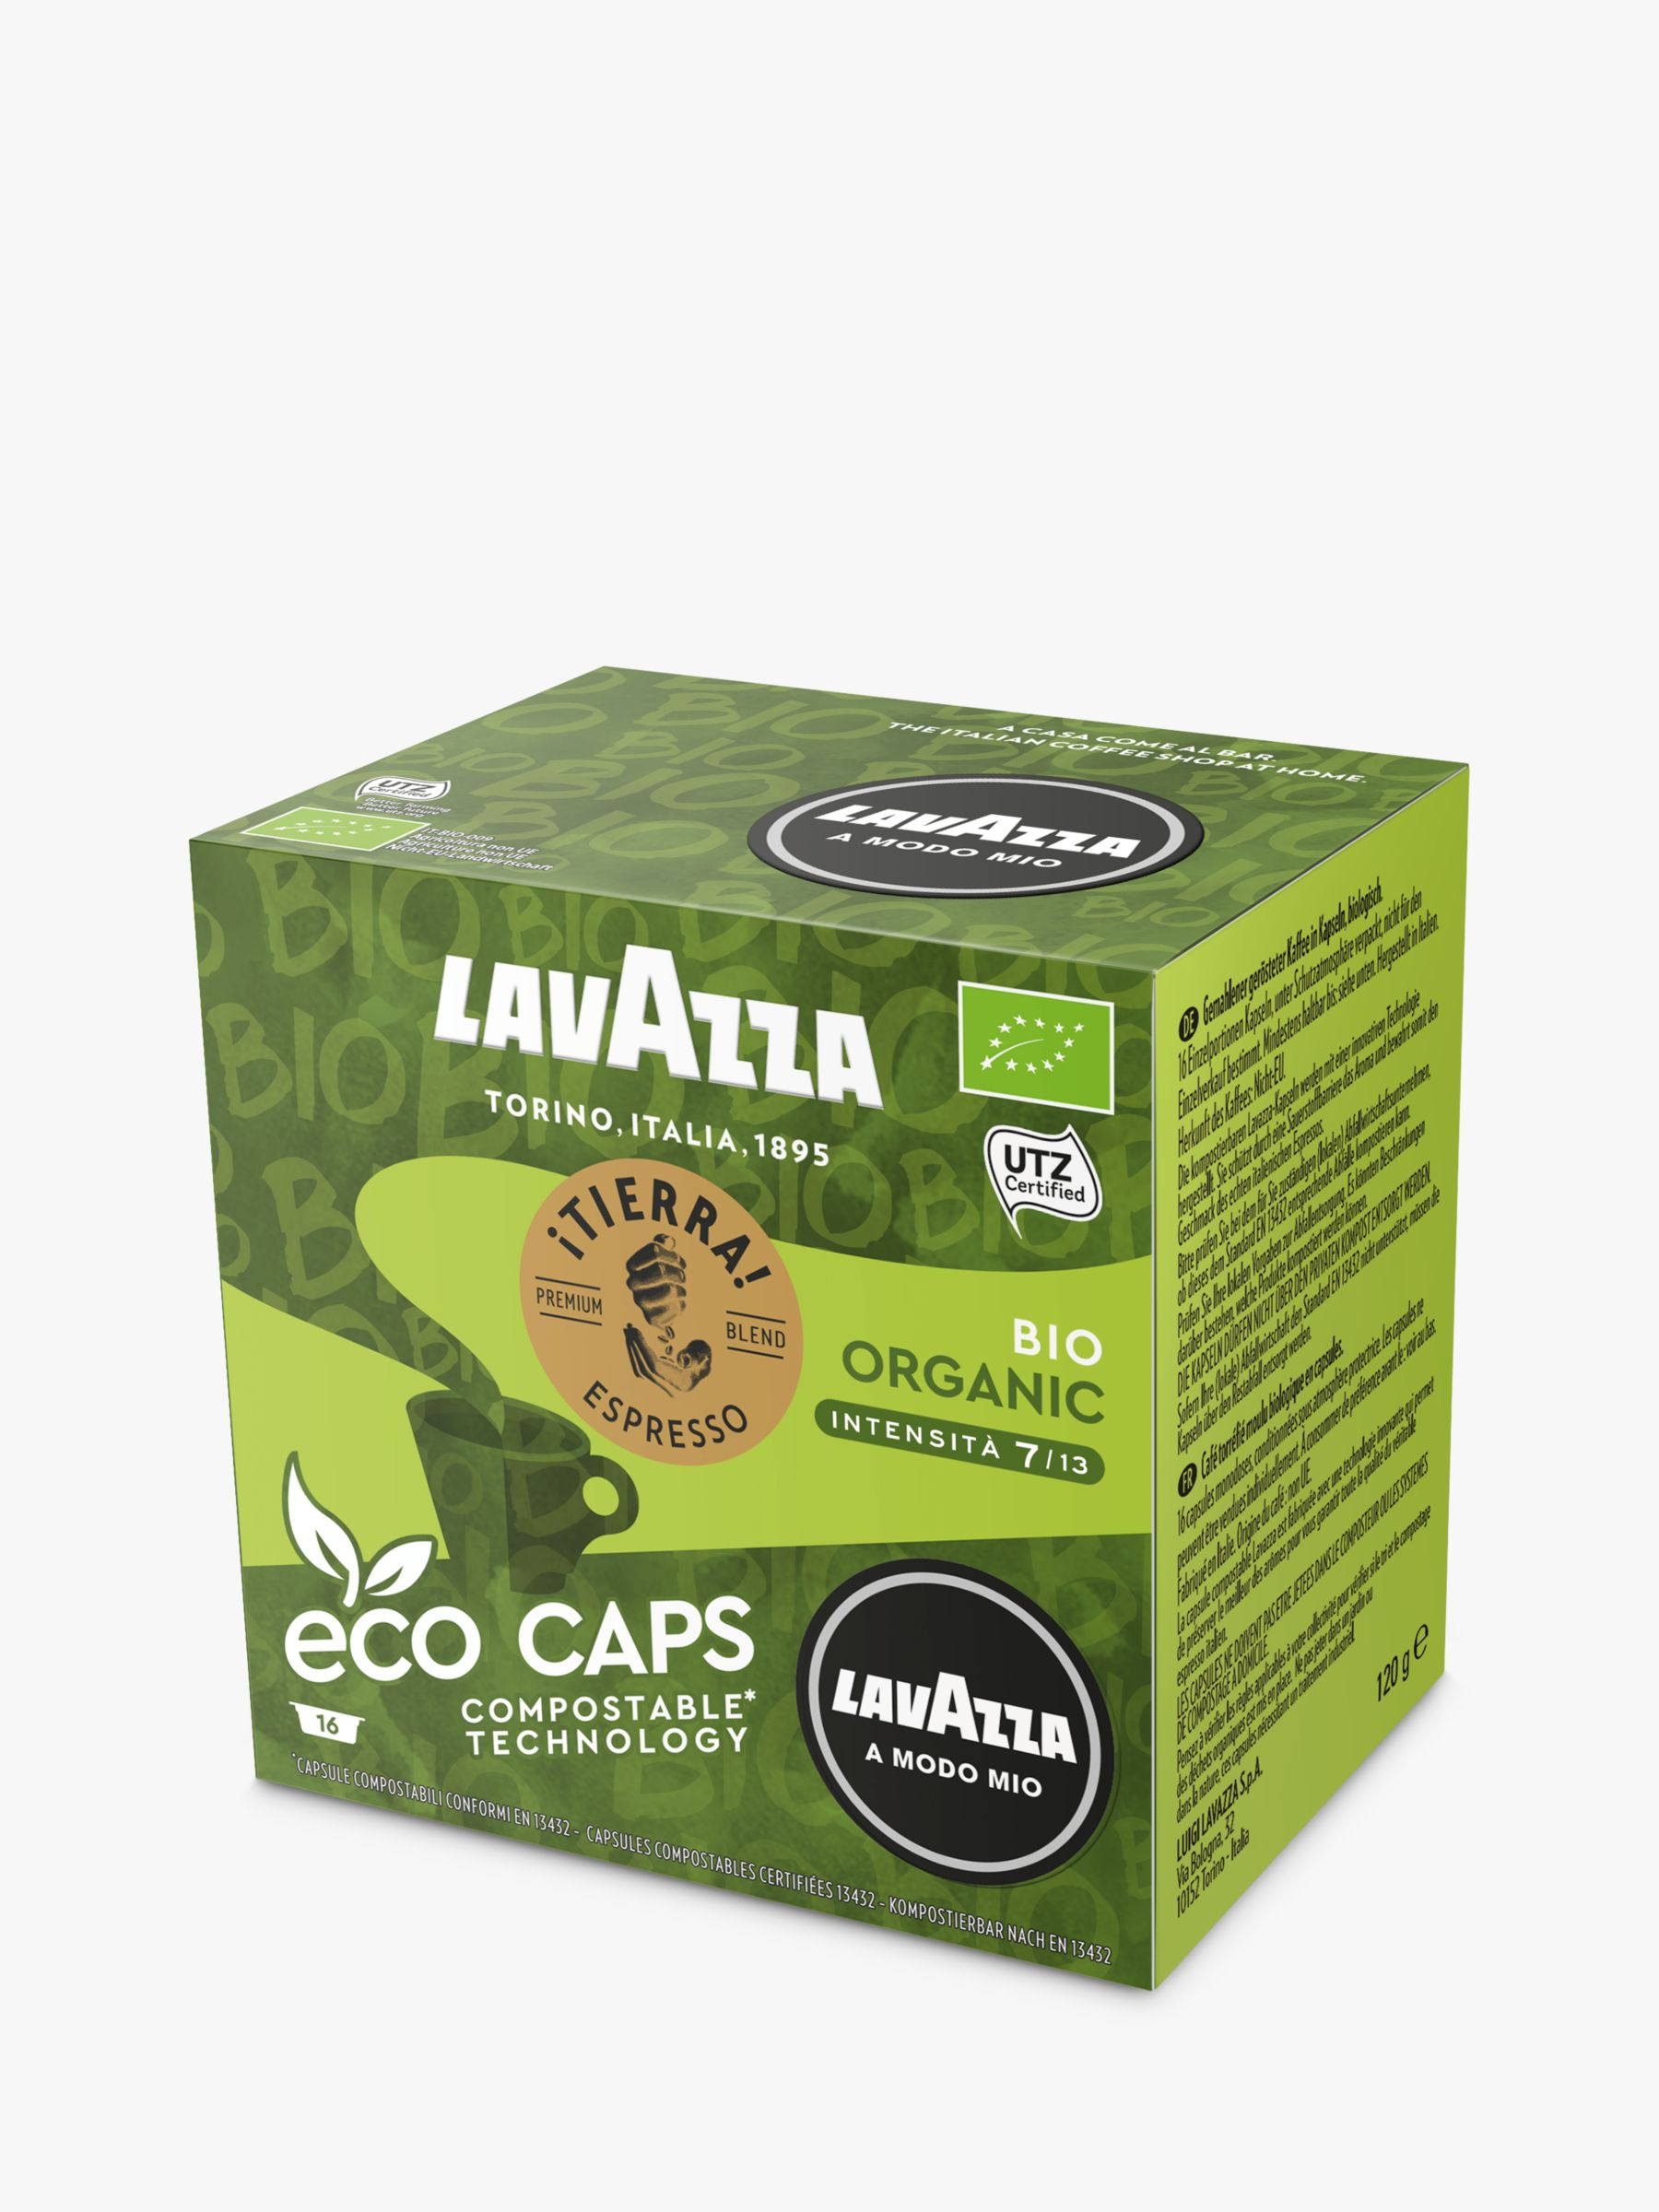 Lavazza Lavazza Tierra Bio-Organic A Modo Mio Espresso Eco Capsules, Pack of 16